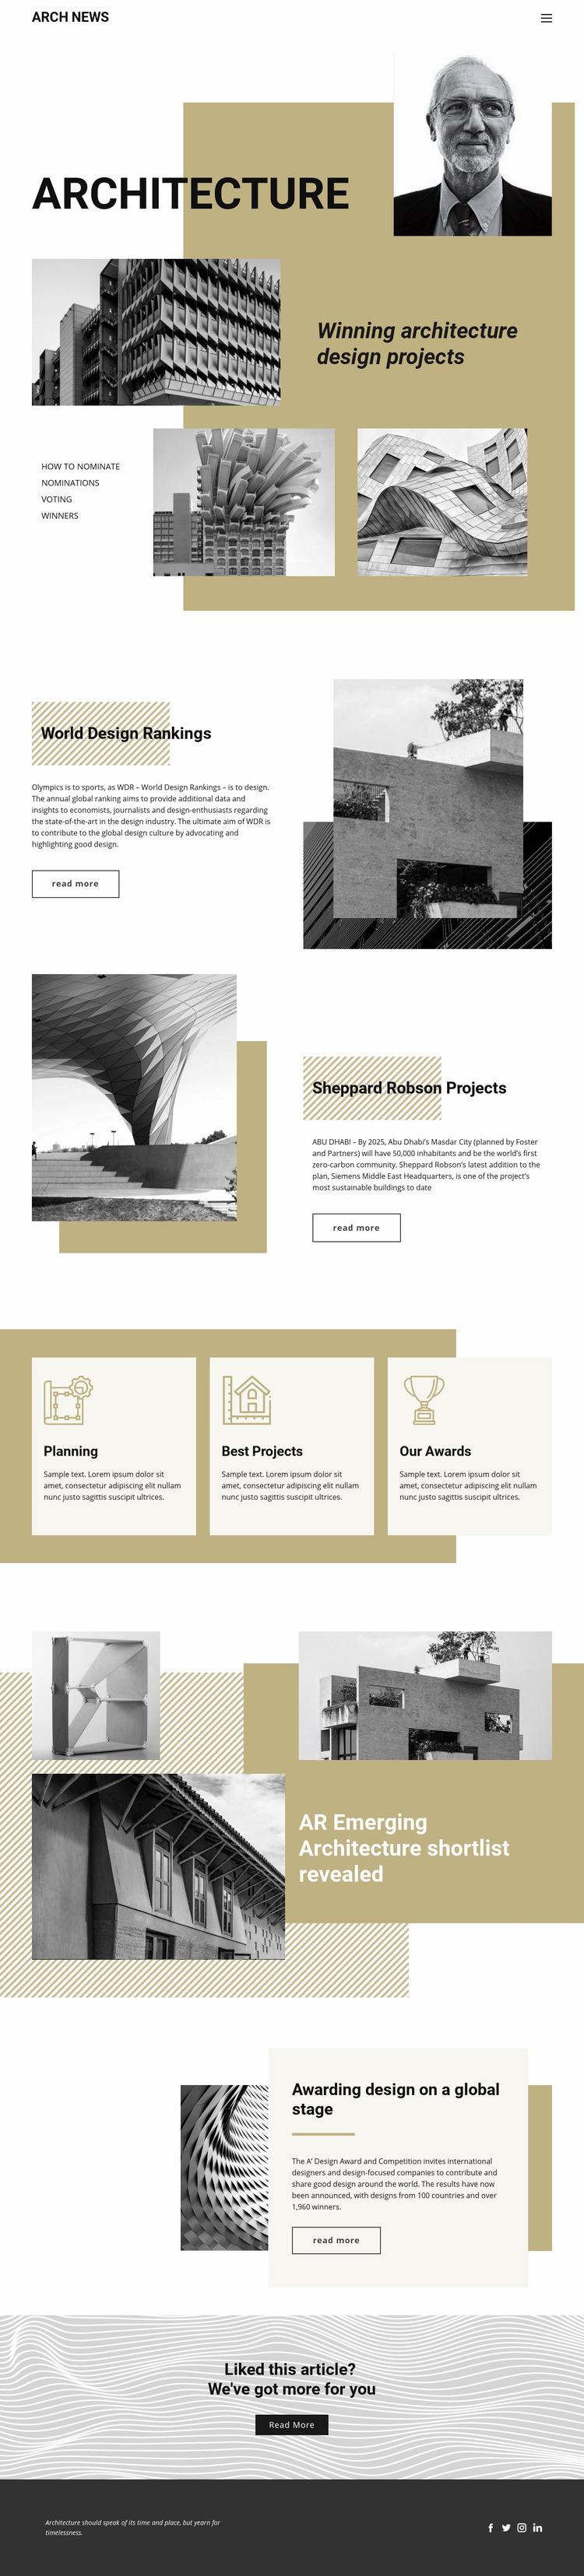 Design of Architecture Web Page Design